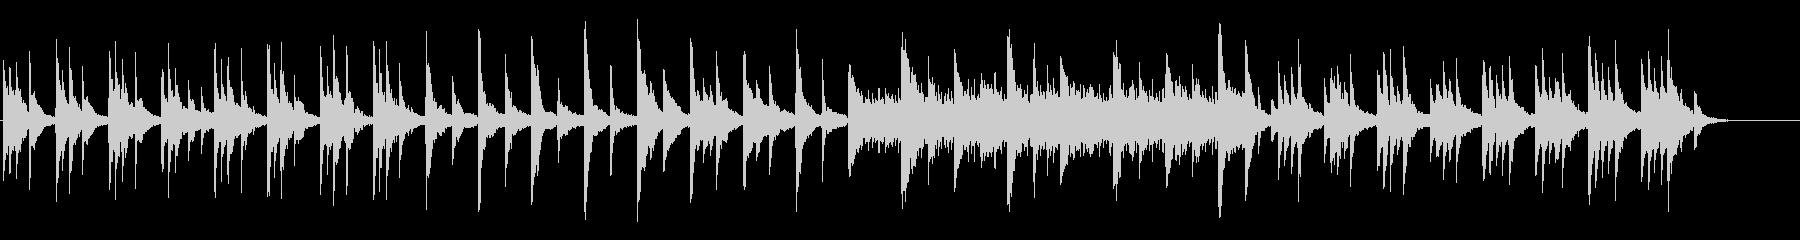 Deep Blue KURAGEピアノ版の未再生の波形